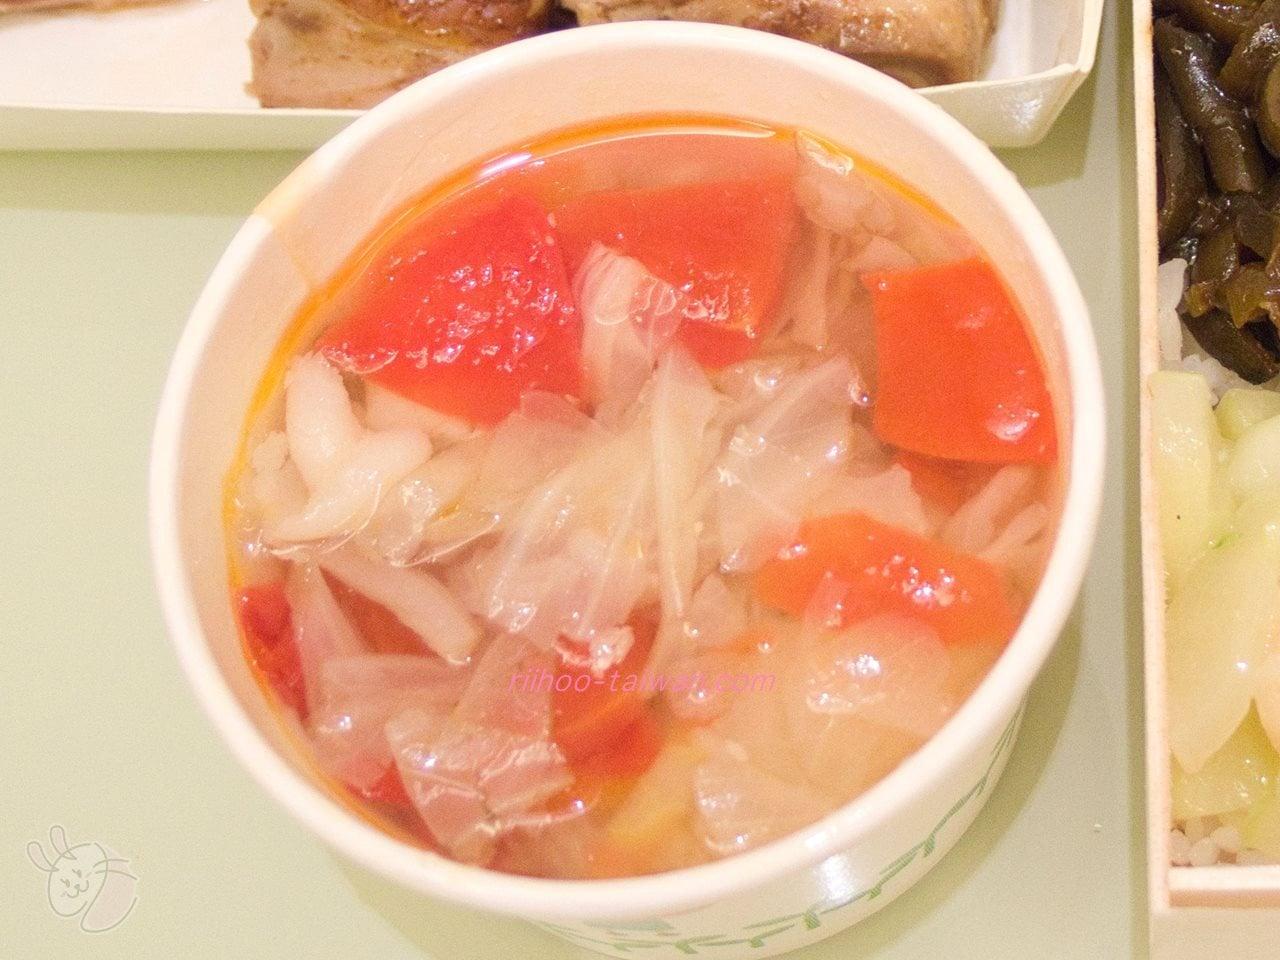 池上木片便當 (錦州街店)  蜜汁焼烤雞腿飯 無料のトマトスープ